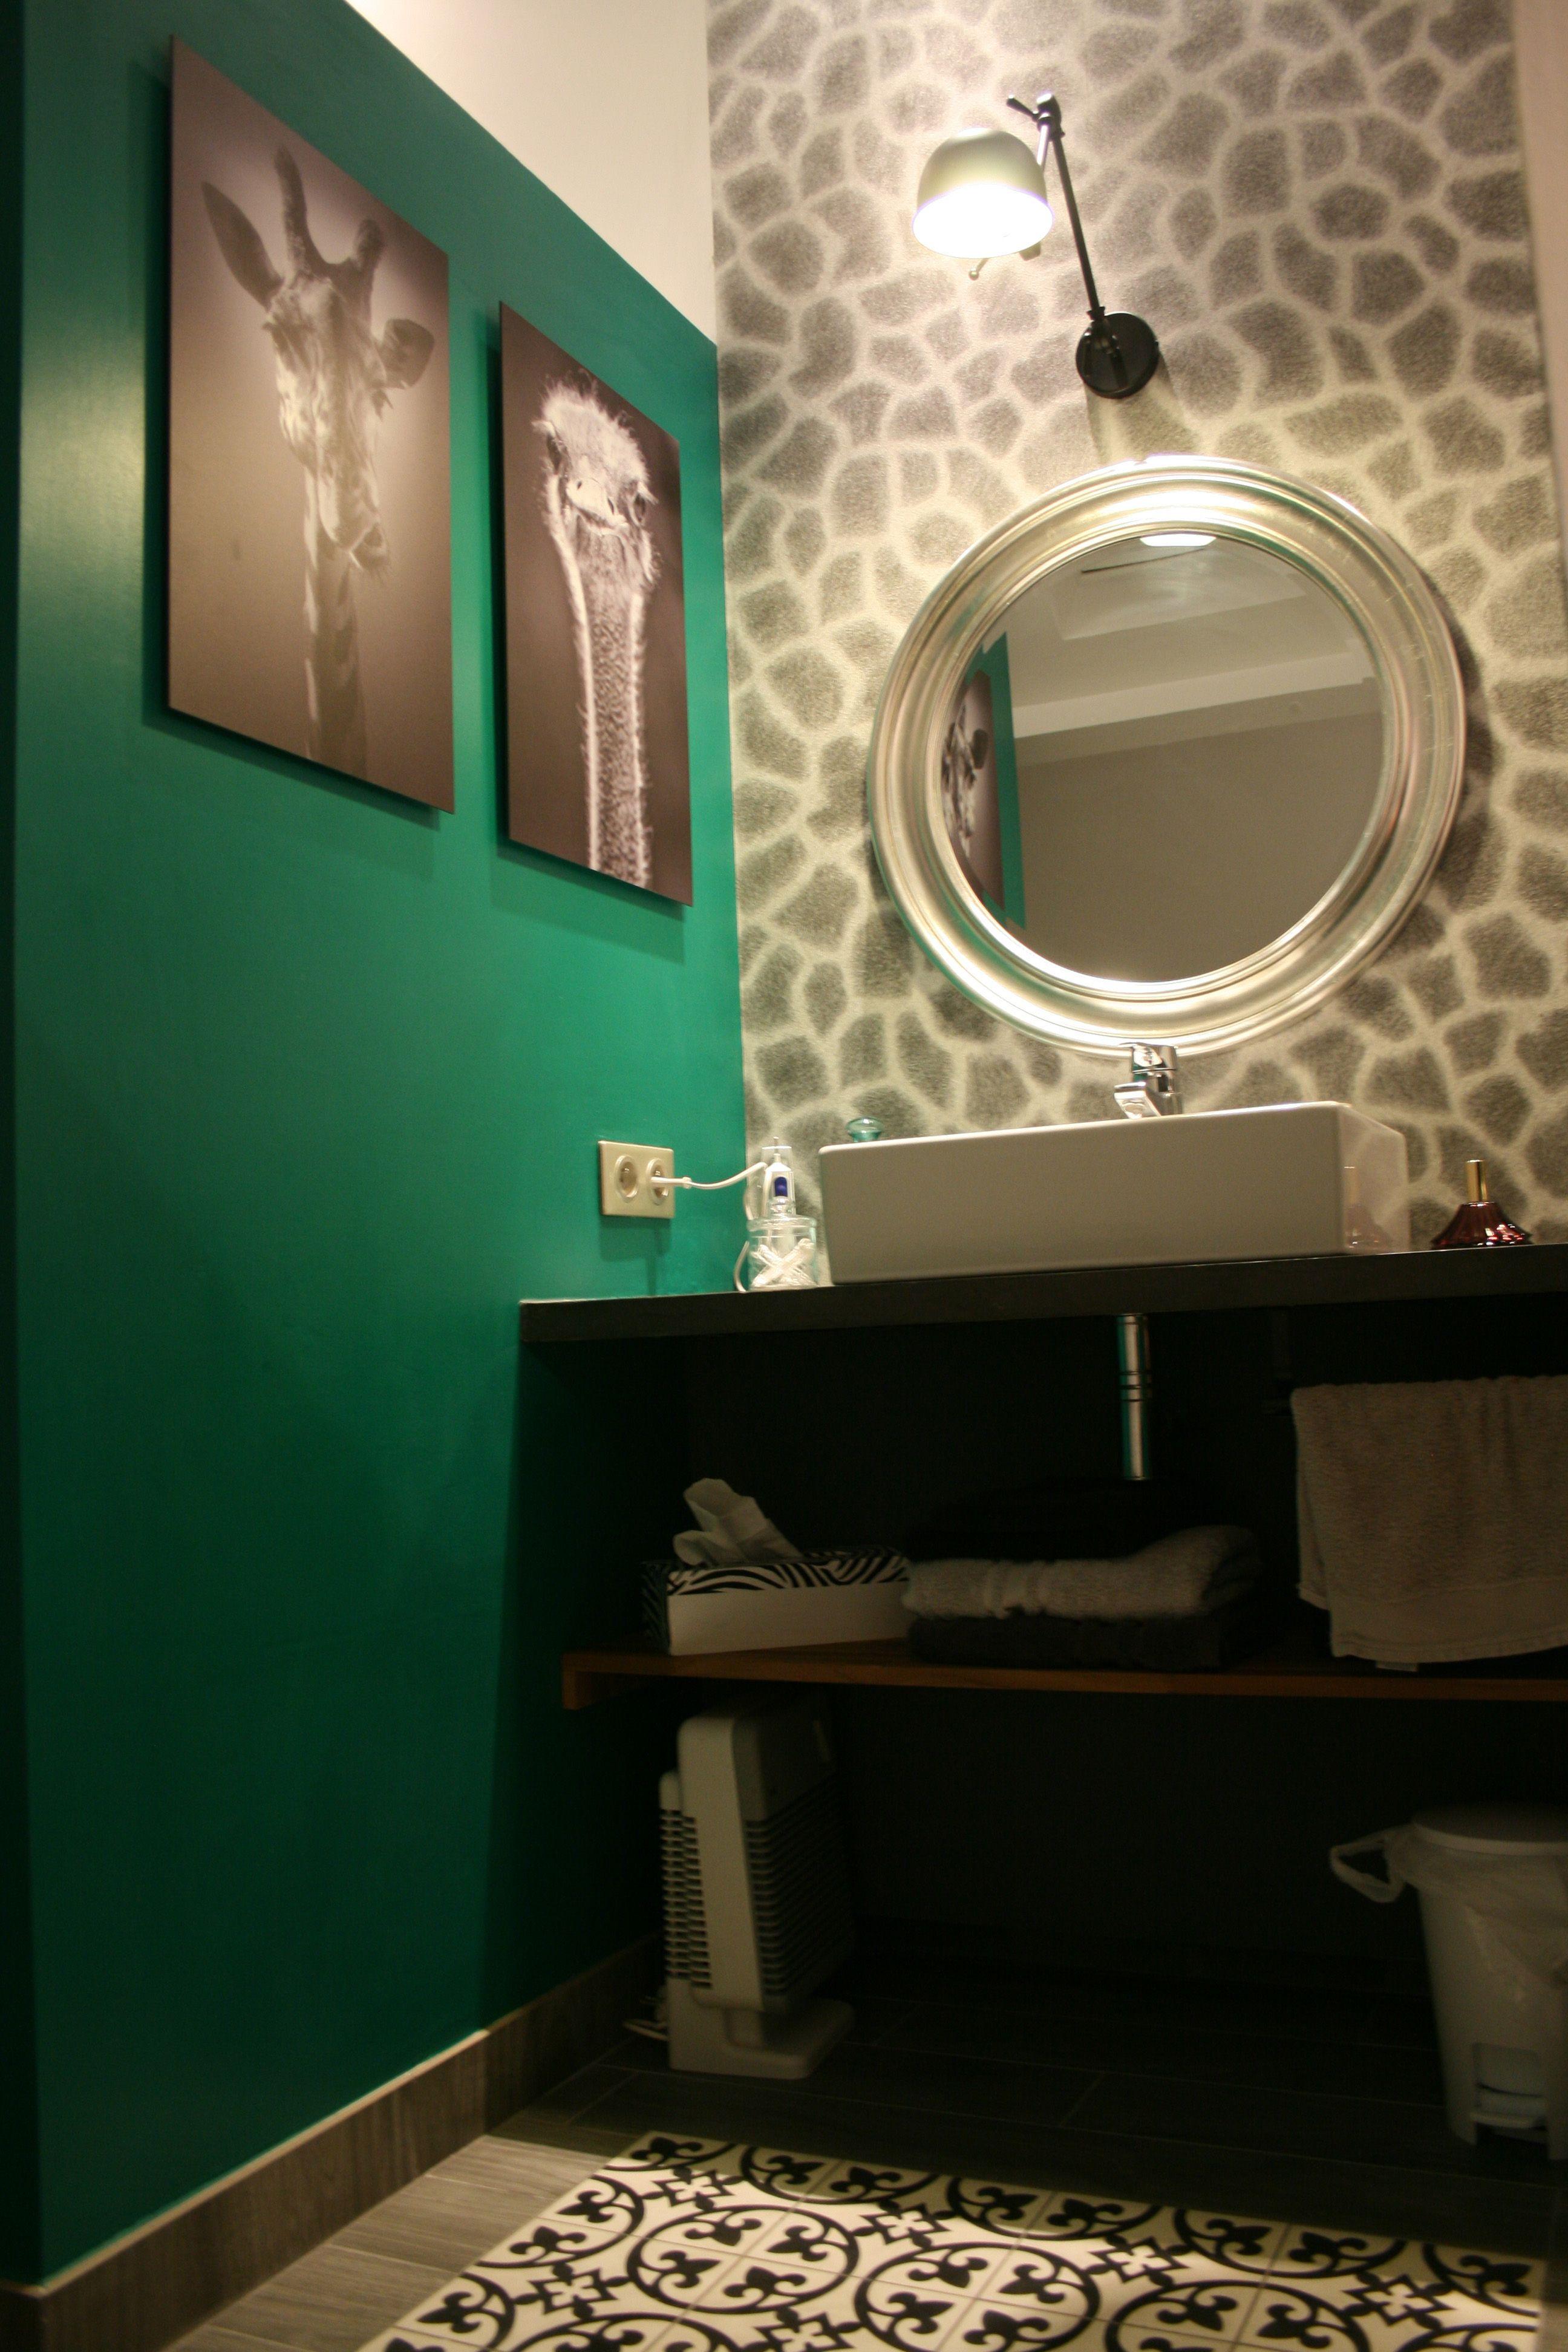 Rénovation salle de bain - papier peint peau de girafe ...